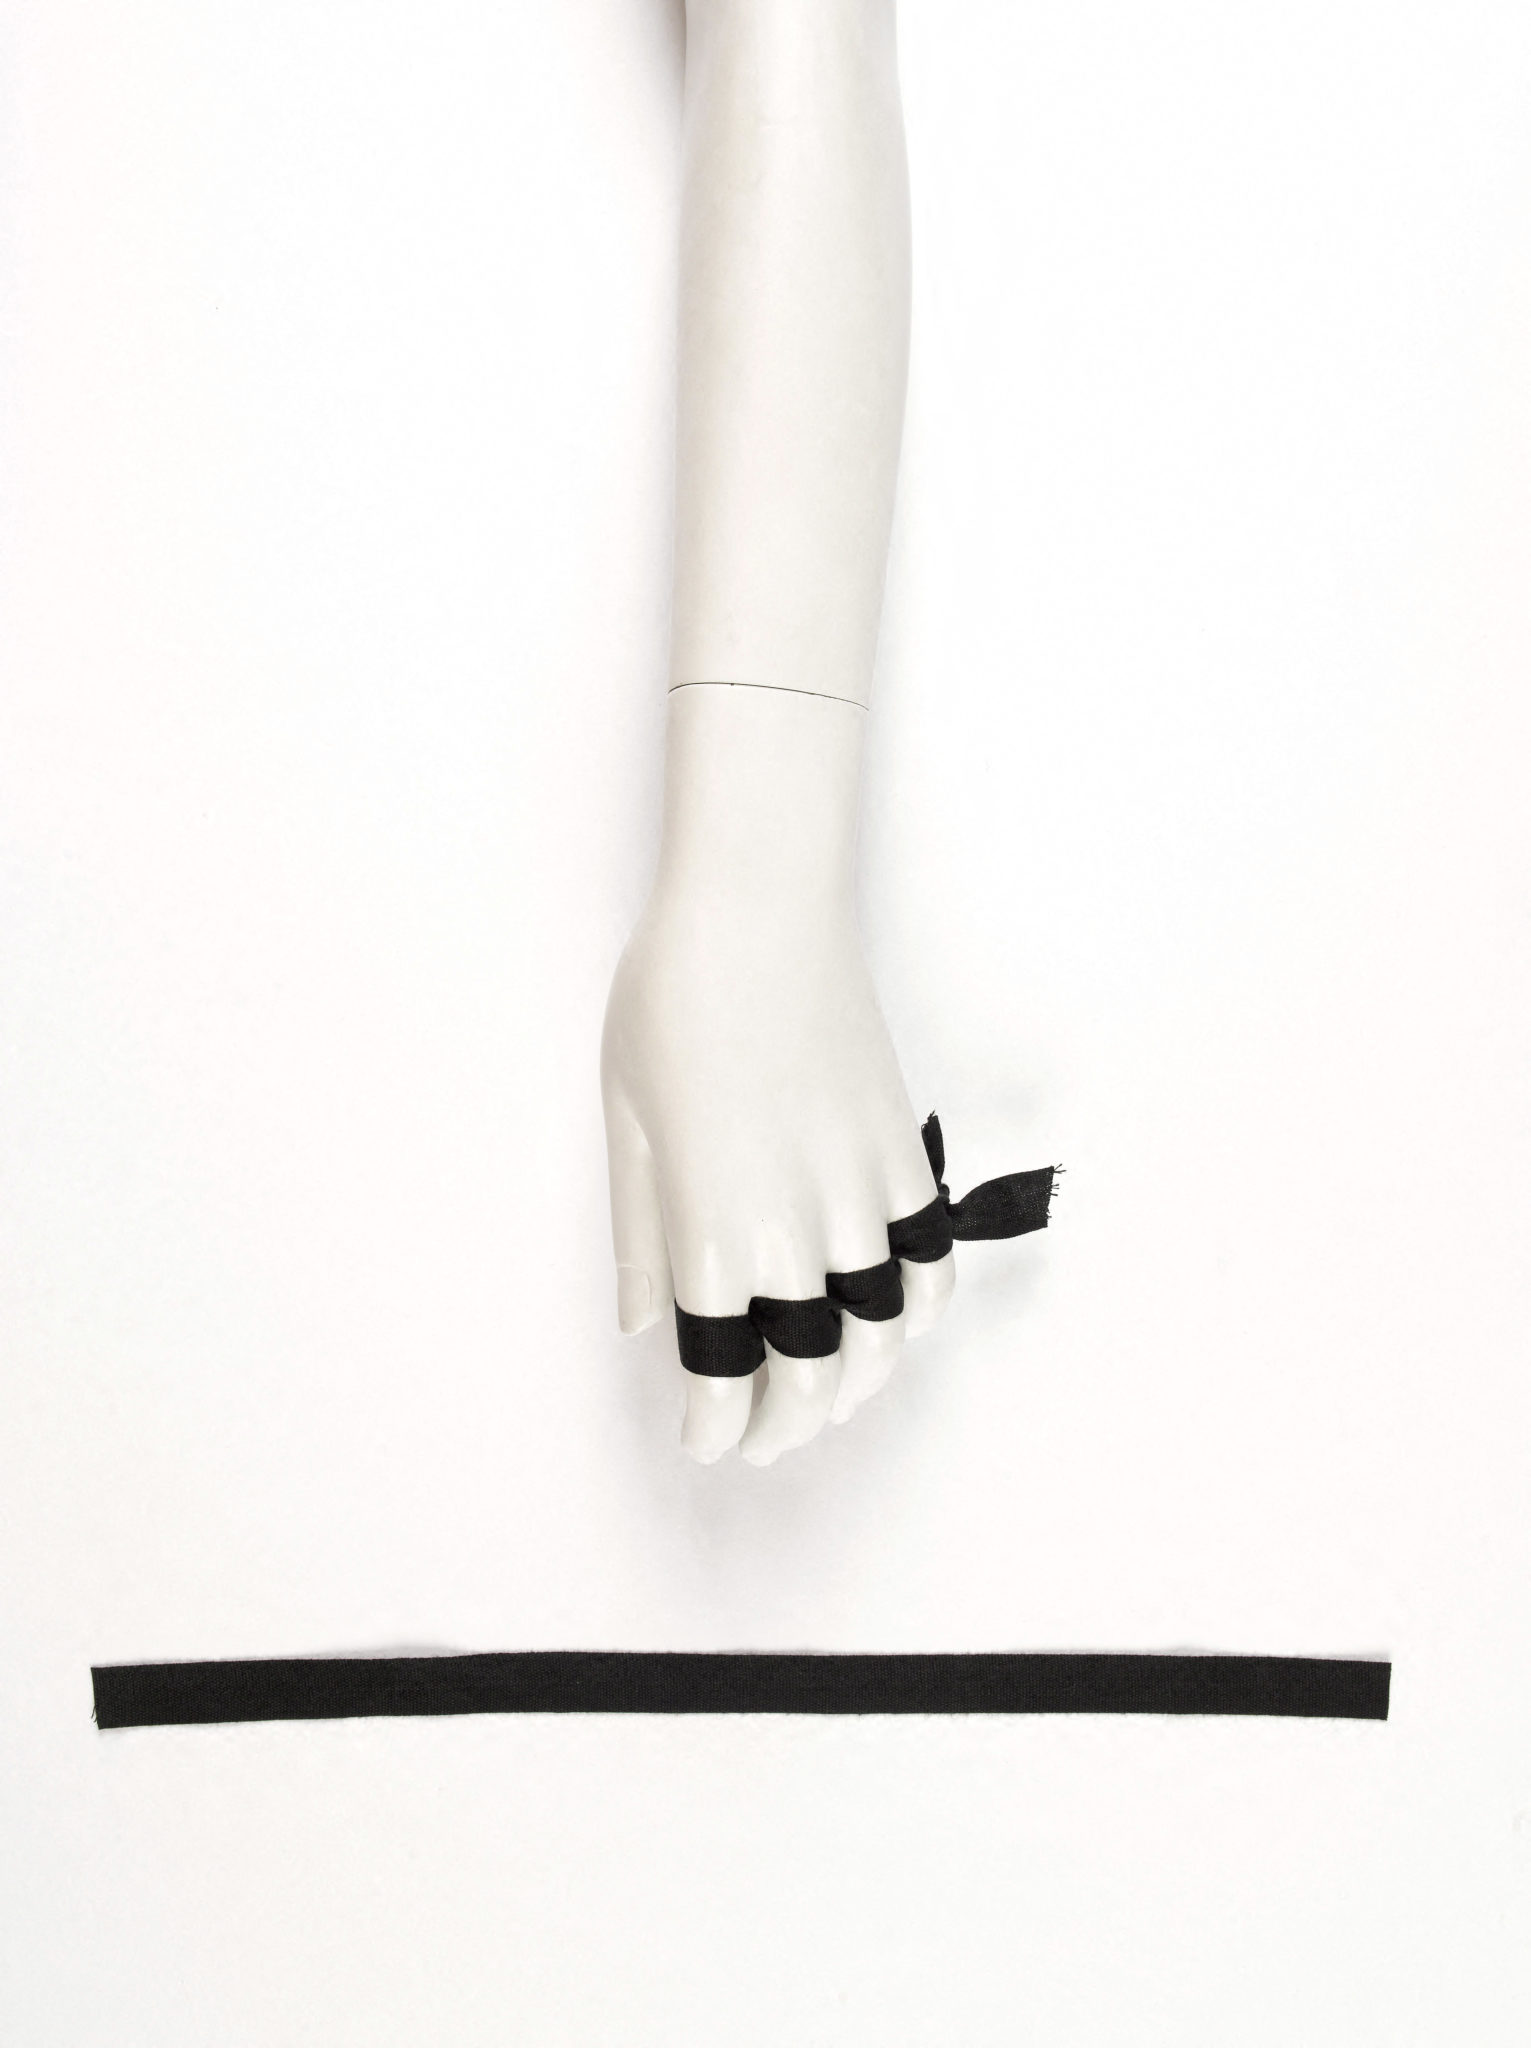 Image de défilé de la collection automne-hiver 1991-1992 accompagnée d'un sachet contenant deux rubans de couleur noire, Martin Margiela